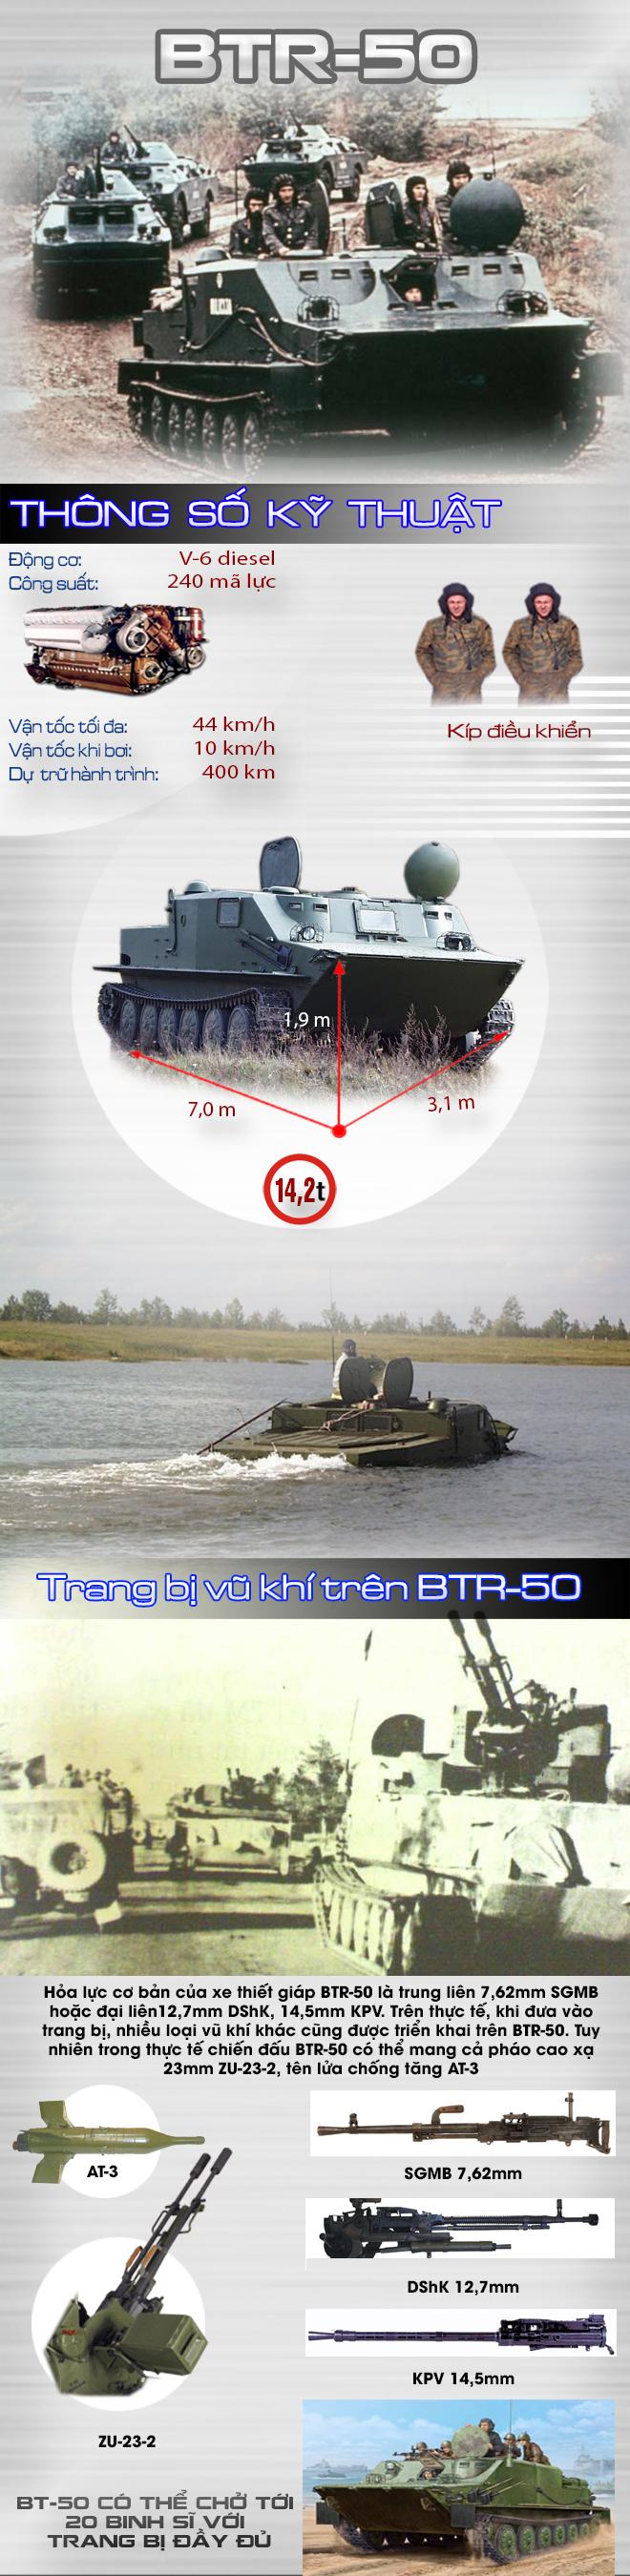 Chiếc xe thiết giáp phát triển từ PT-76 vô địch về khả năng chở quân - Ảnh 1.